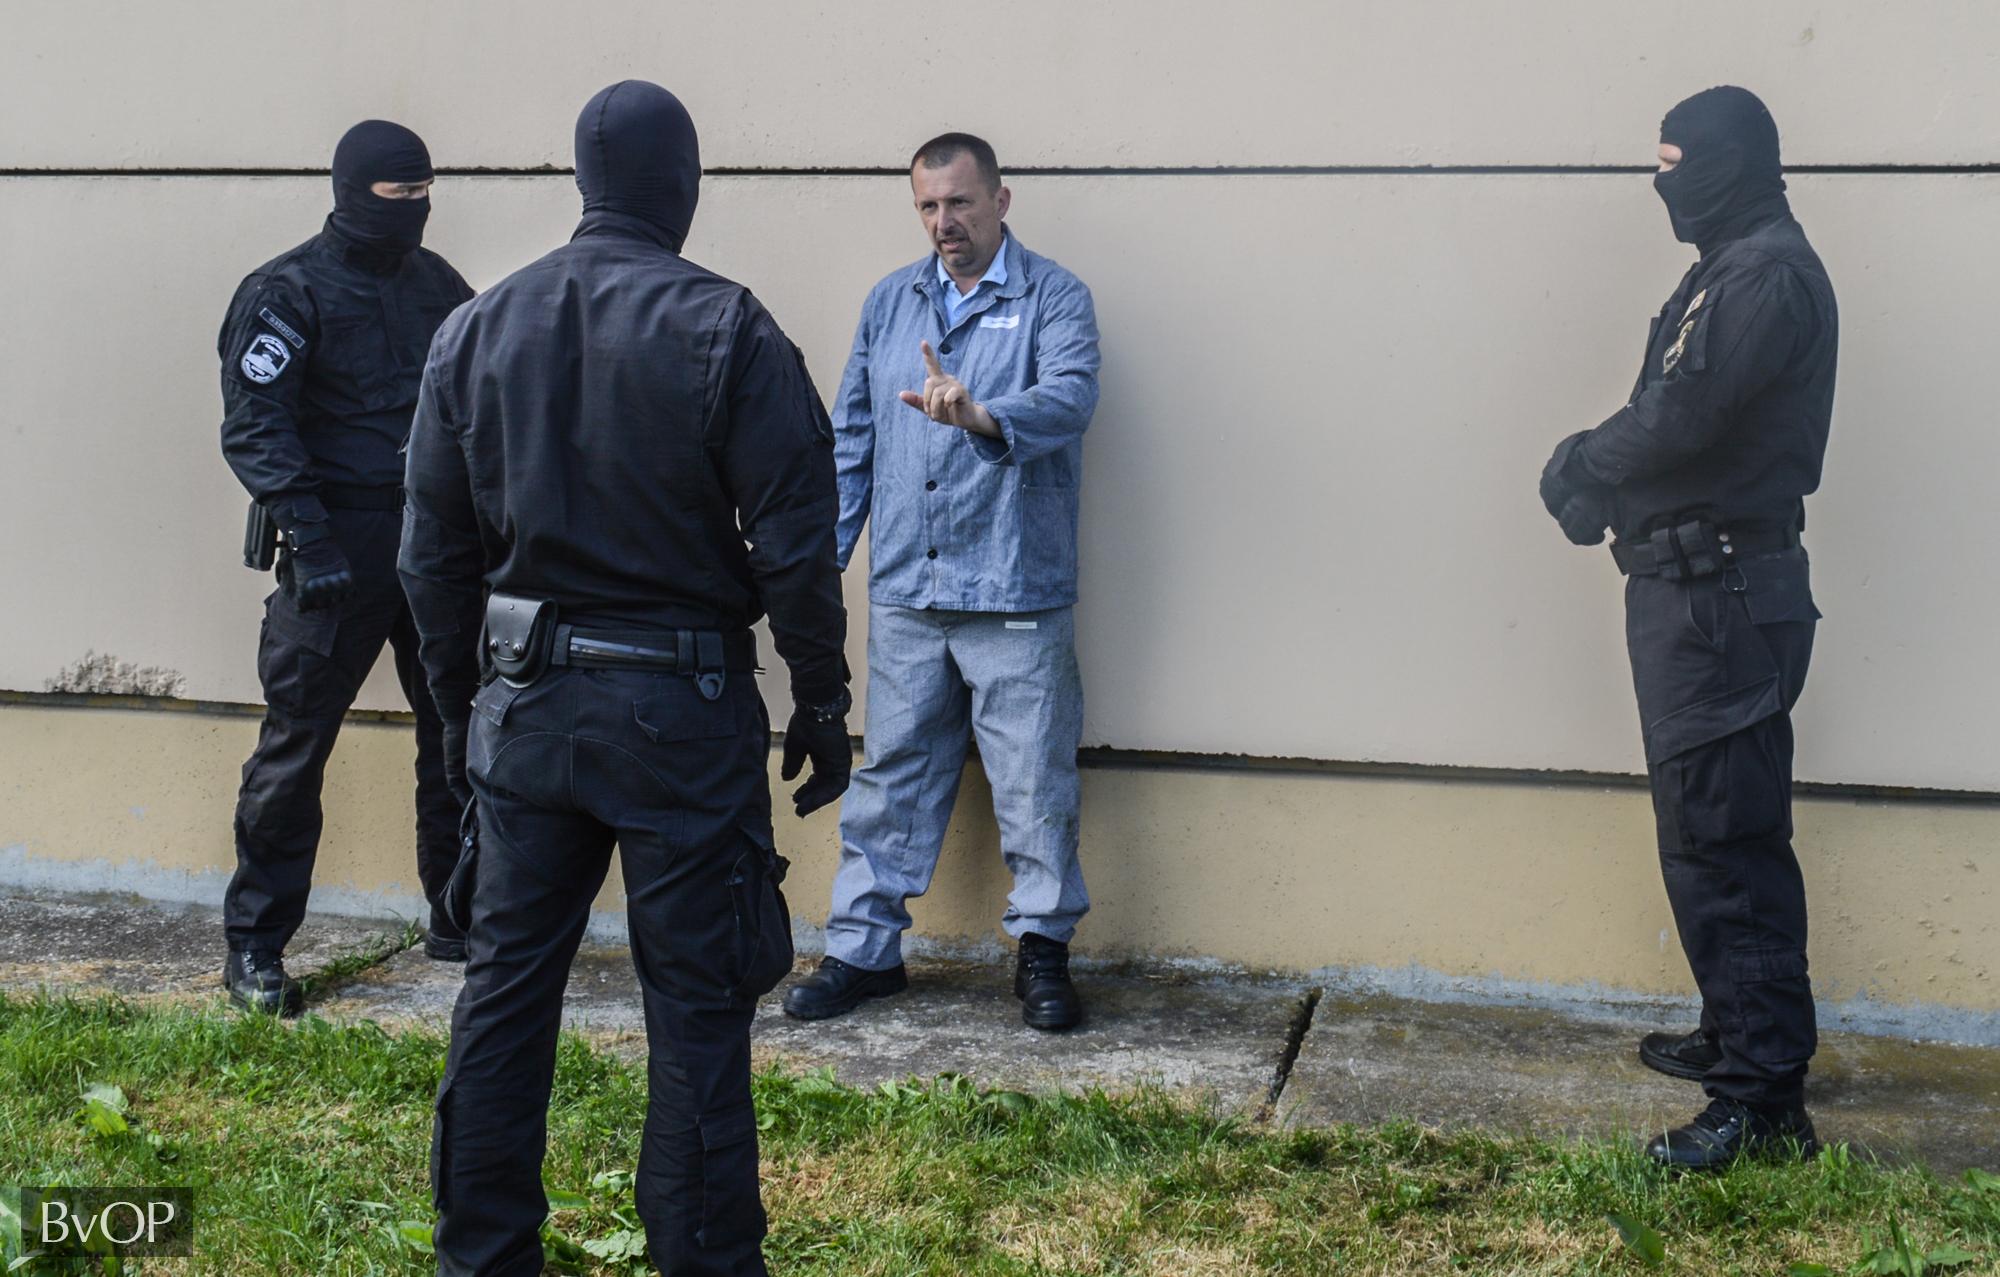 Intézkedés ellenszegülő fogvatartottal szemben